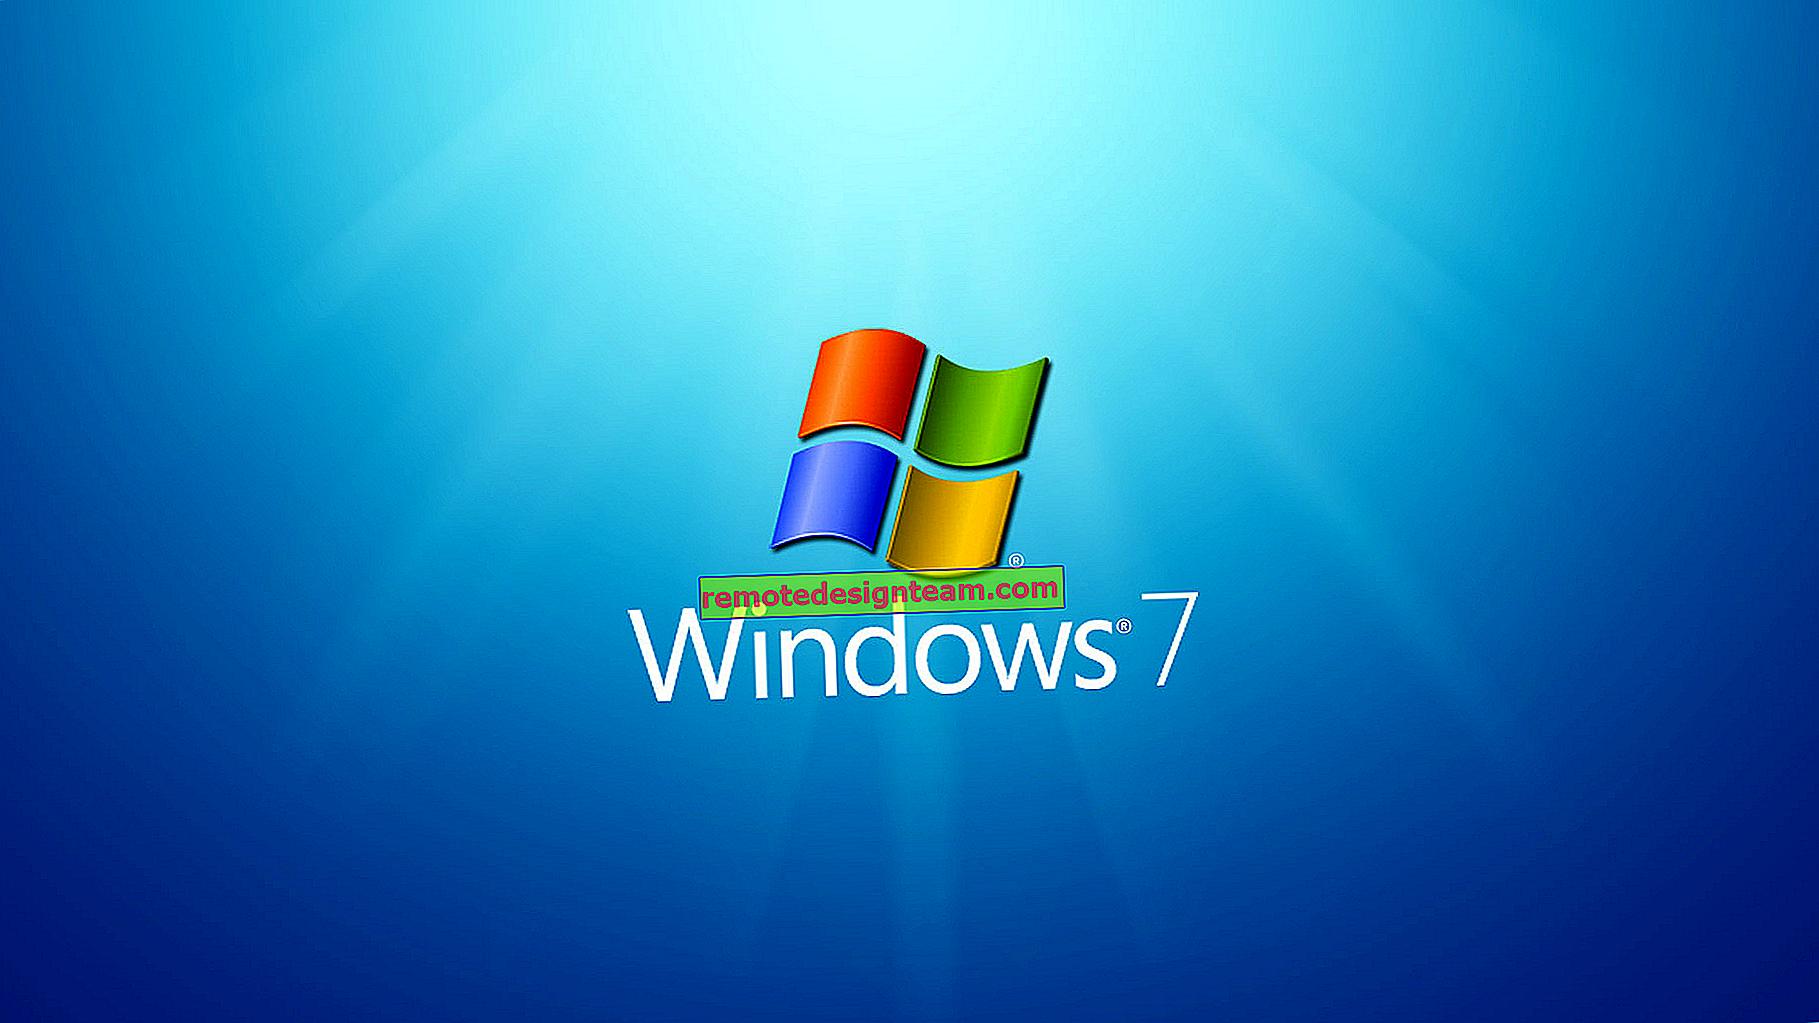 วิธีเปิด Wi-Fi บนแล็ปท็อป Windows 7